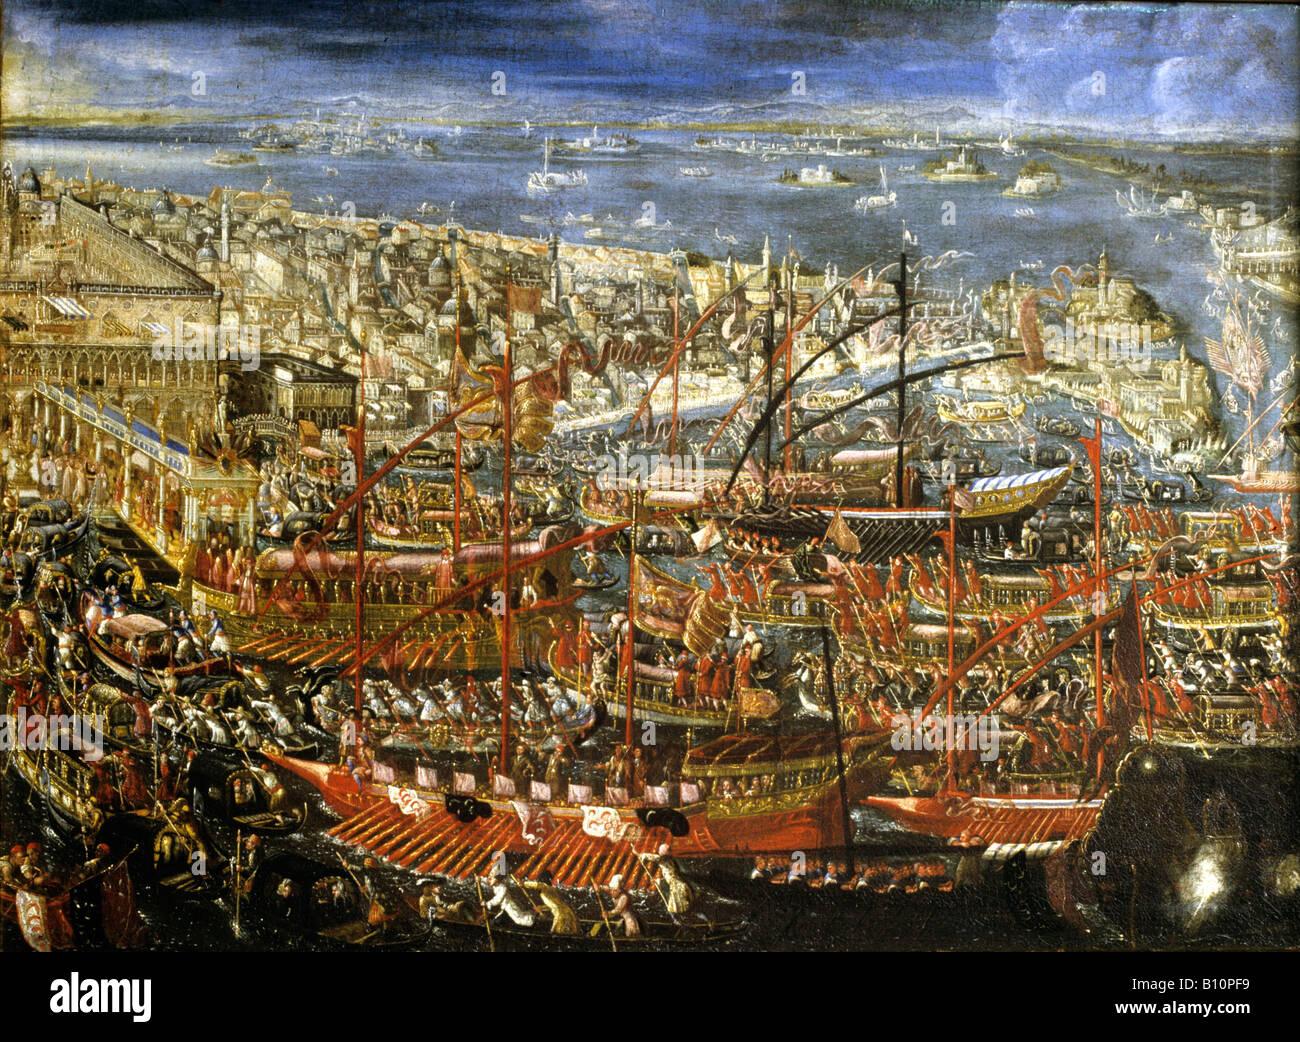 Venezianische Malerei Lastkähne in einer Zeremonie auf dem Wasser 16. Jh. Stockbild